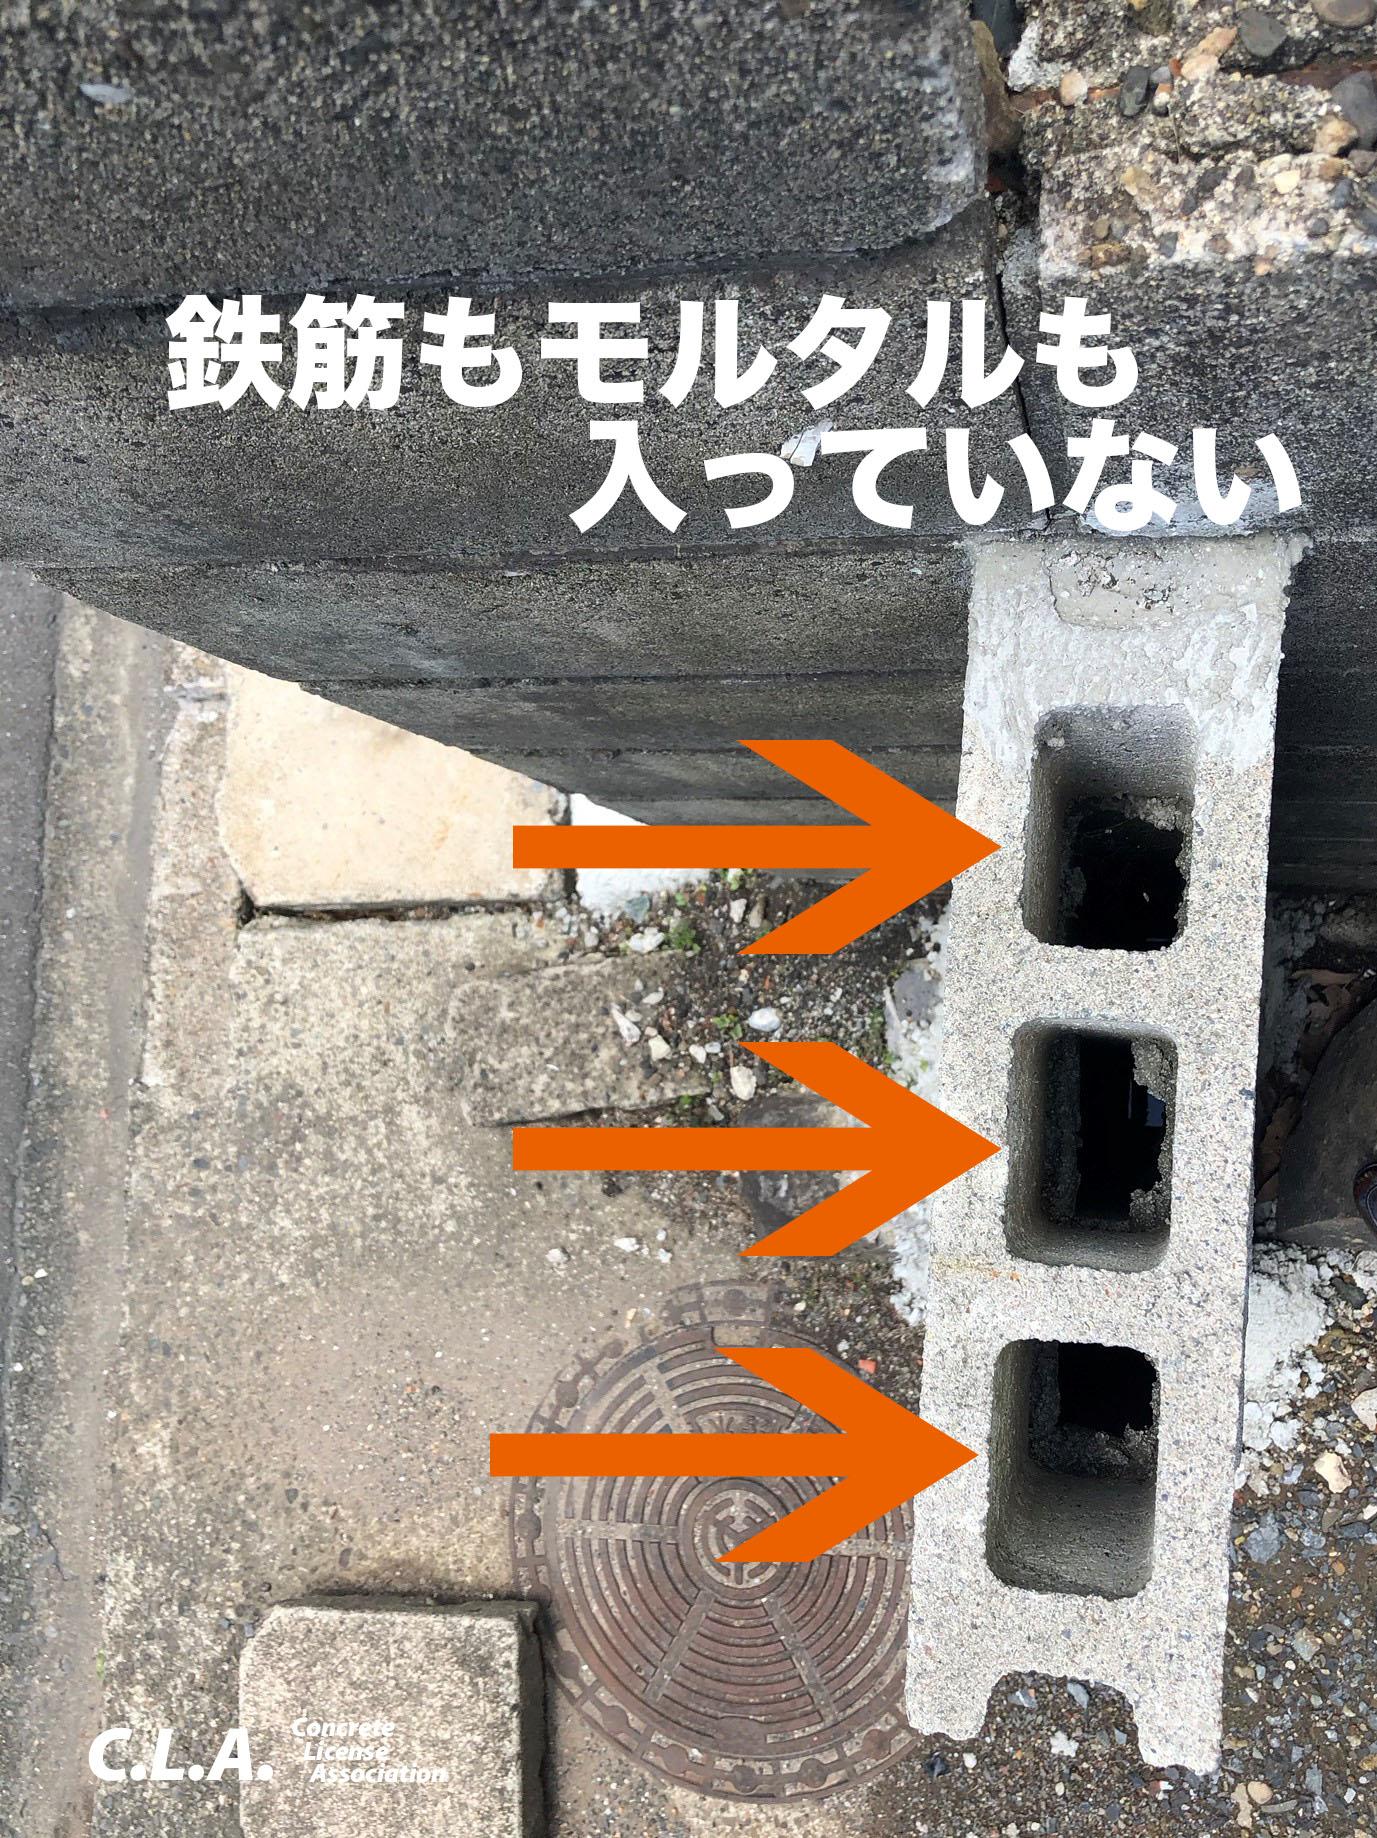 ブロック塀マニアックス-3 中身のない控え壁 2018/07/04